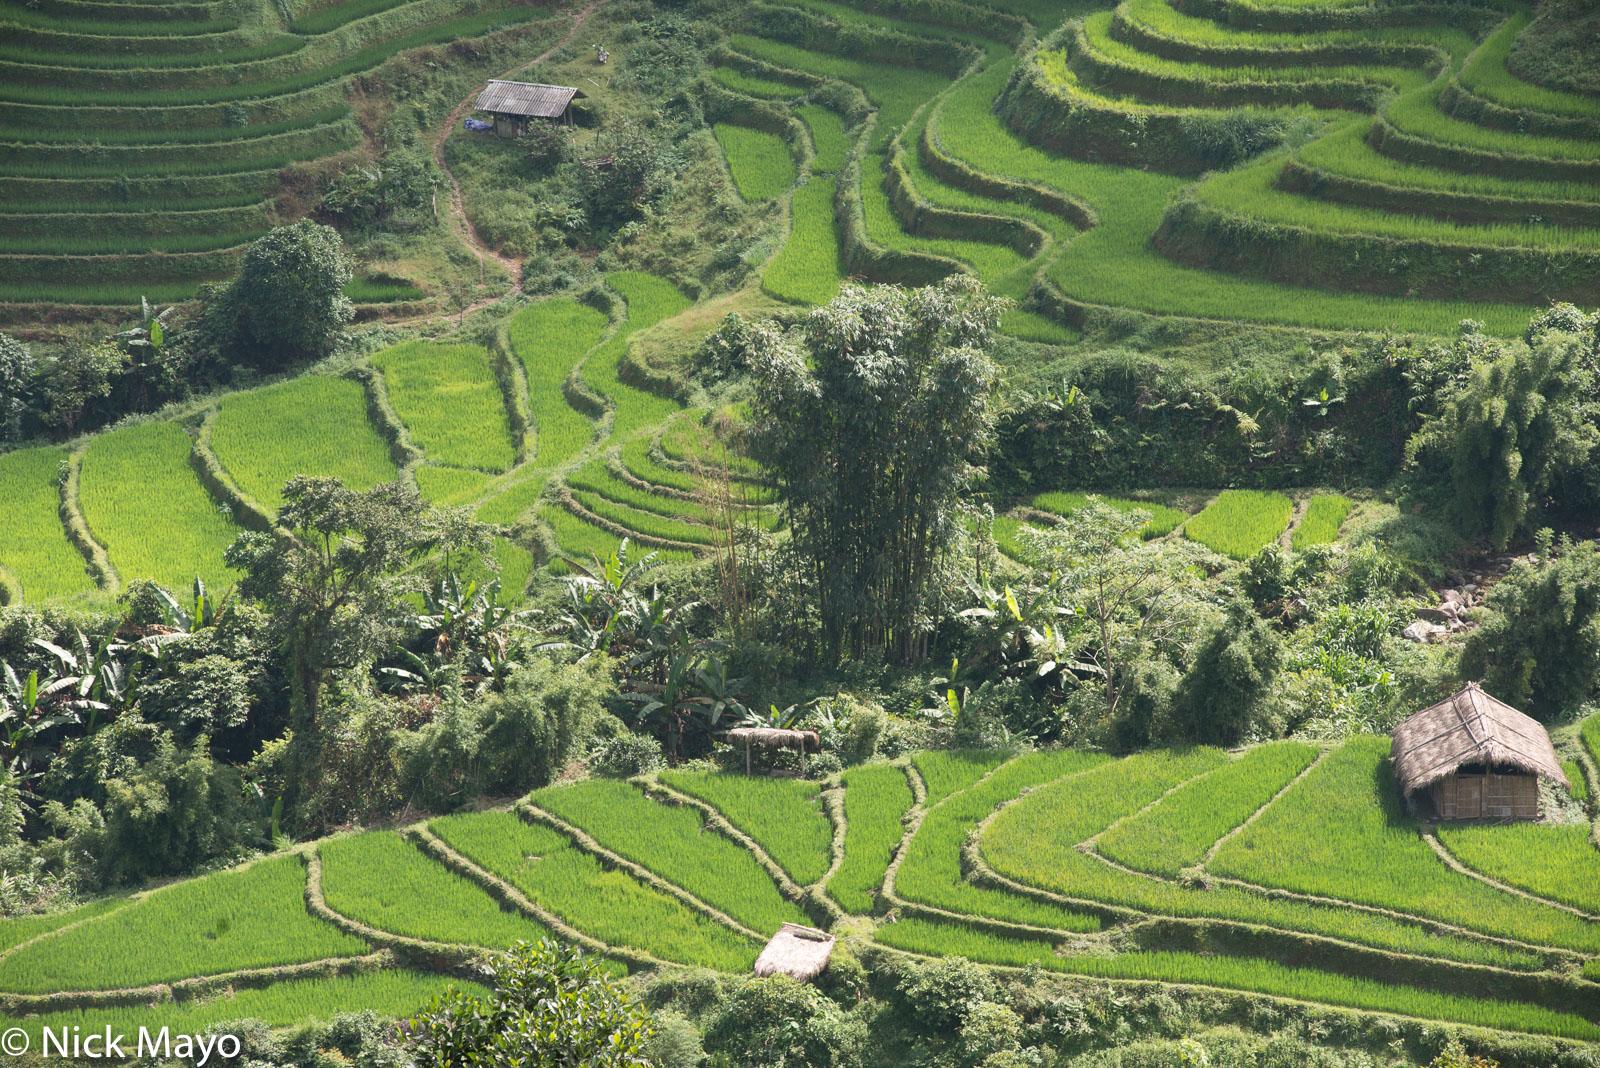 Ha Giang, Hut, Paddy, Vietnam, photo